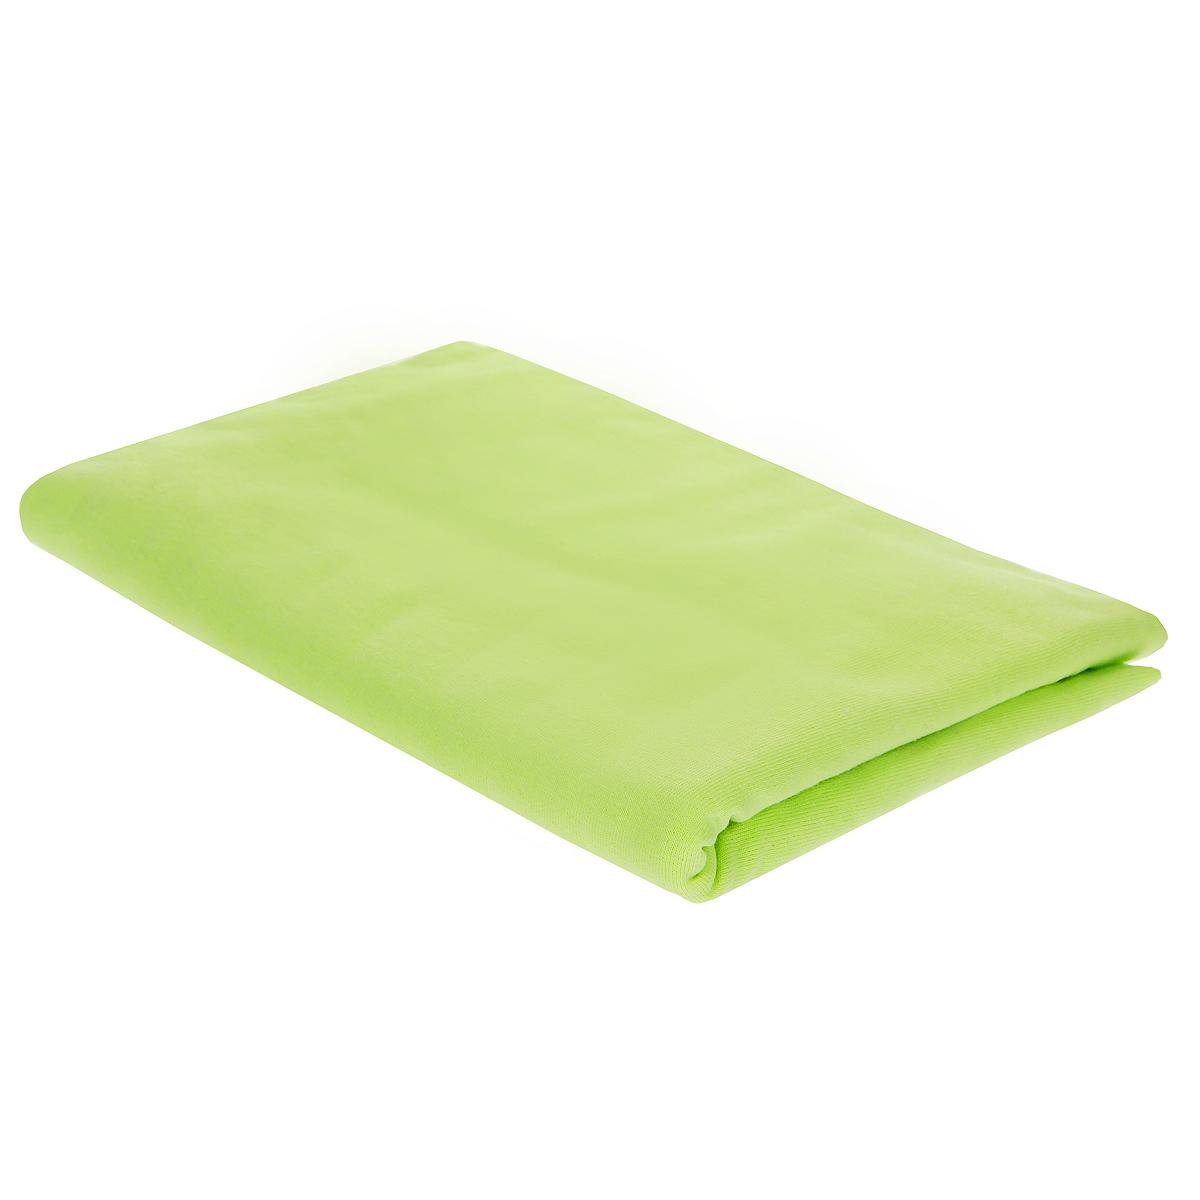 Пеленка трикотажная Трон-Плюс, цвет: салатовый, 120 см х 90 см5237Детская пеленка Трон-Плюс подходит для пеленания ребенка с самого рождения. Она невероятно мягкая и нежная на ощупь. Пеленка выполнена из кулирки - тонкого трикотажного материала из хлопка гладкого покроя. Такая ткань прекрасно дышит, она гипоаллергенна, почти не мнется и не теряет формы после стирки. Мягкая ткань укутывает малыша с необычайной нежностью. Пеленку также можно использовать как легкое одеяло в жаркую погоду, простынку, полотенце после купания, накидку для кормления грудью или солнцезащитный козырек. Ее размер подходит для пеленания даже крупного малыша. Характеристики:Размер пеленки: 120 см x 90 см.